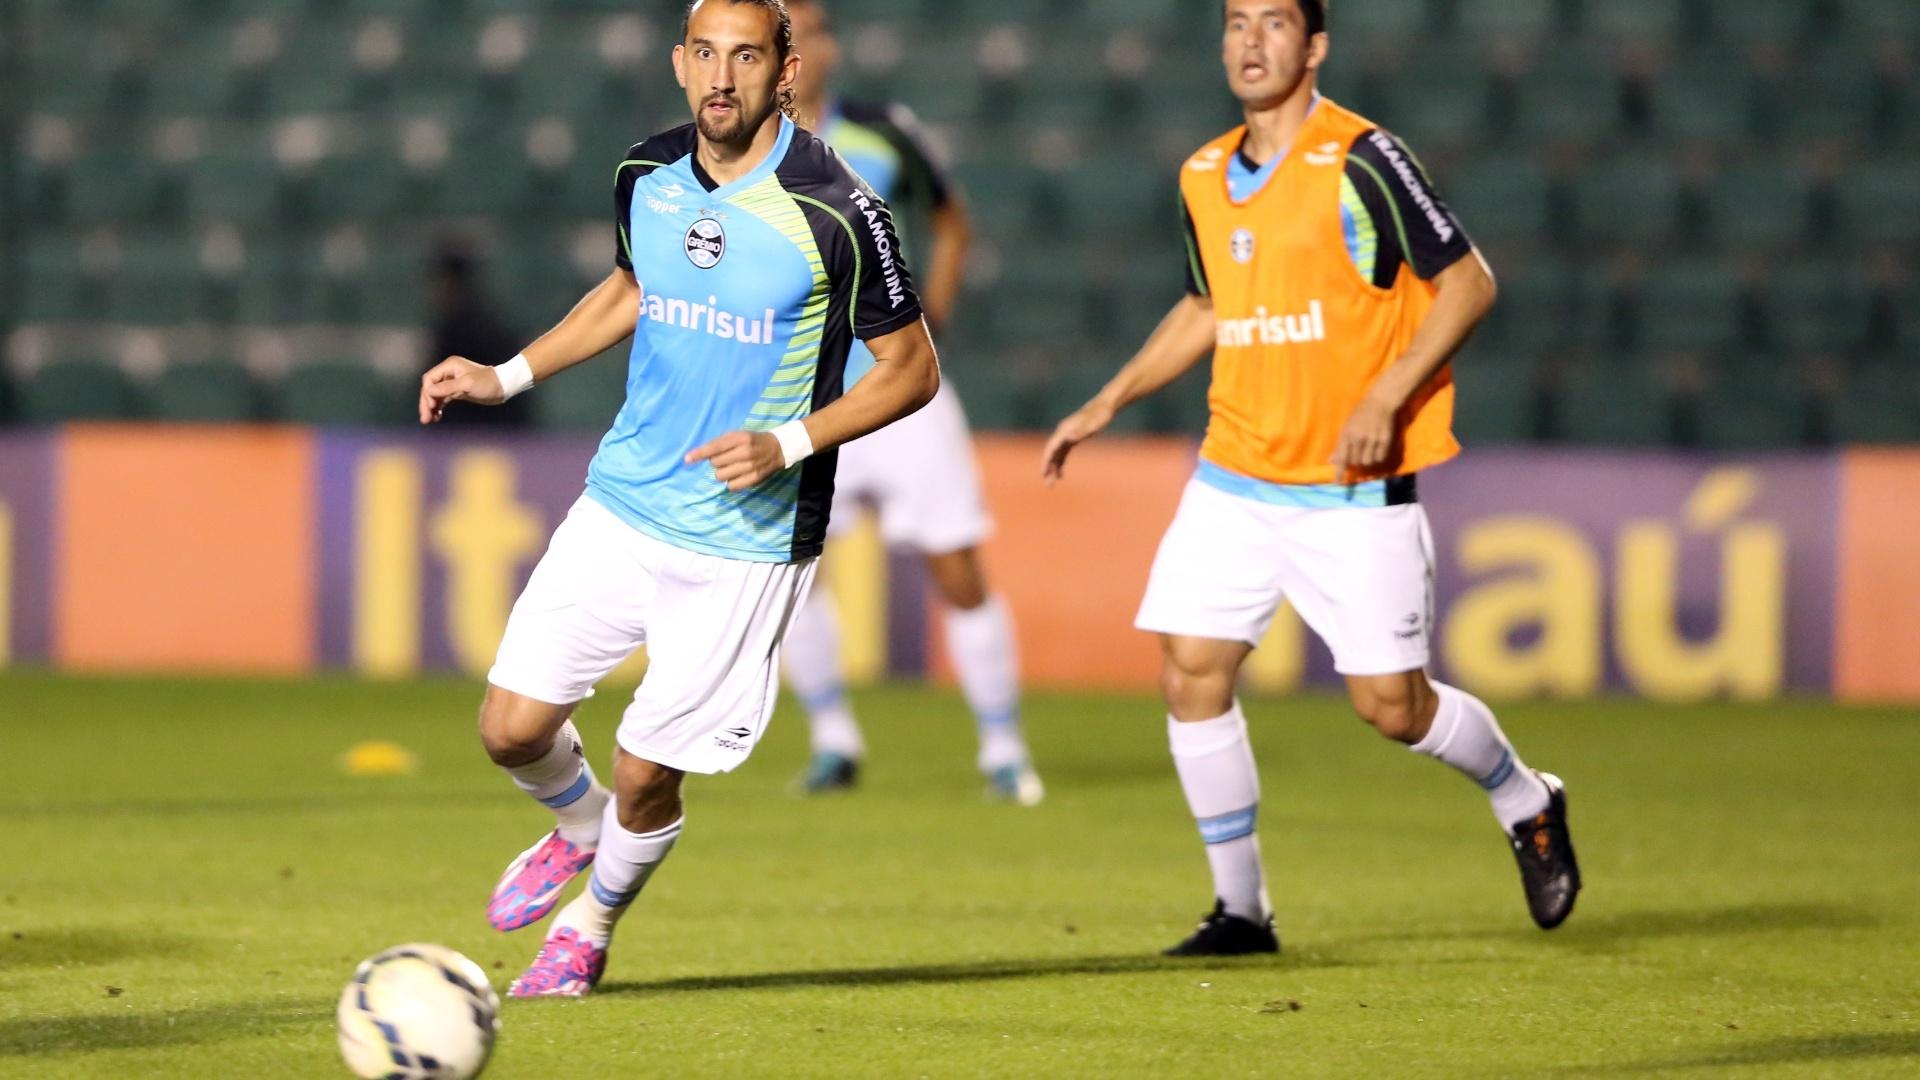 Atacante Barcos participa de aquecimento do Grêmio antes de jogo contra o Figueirense